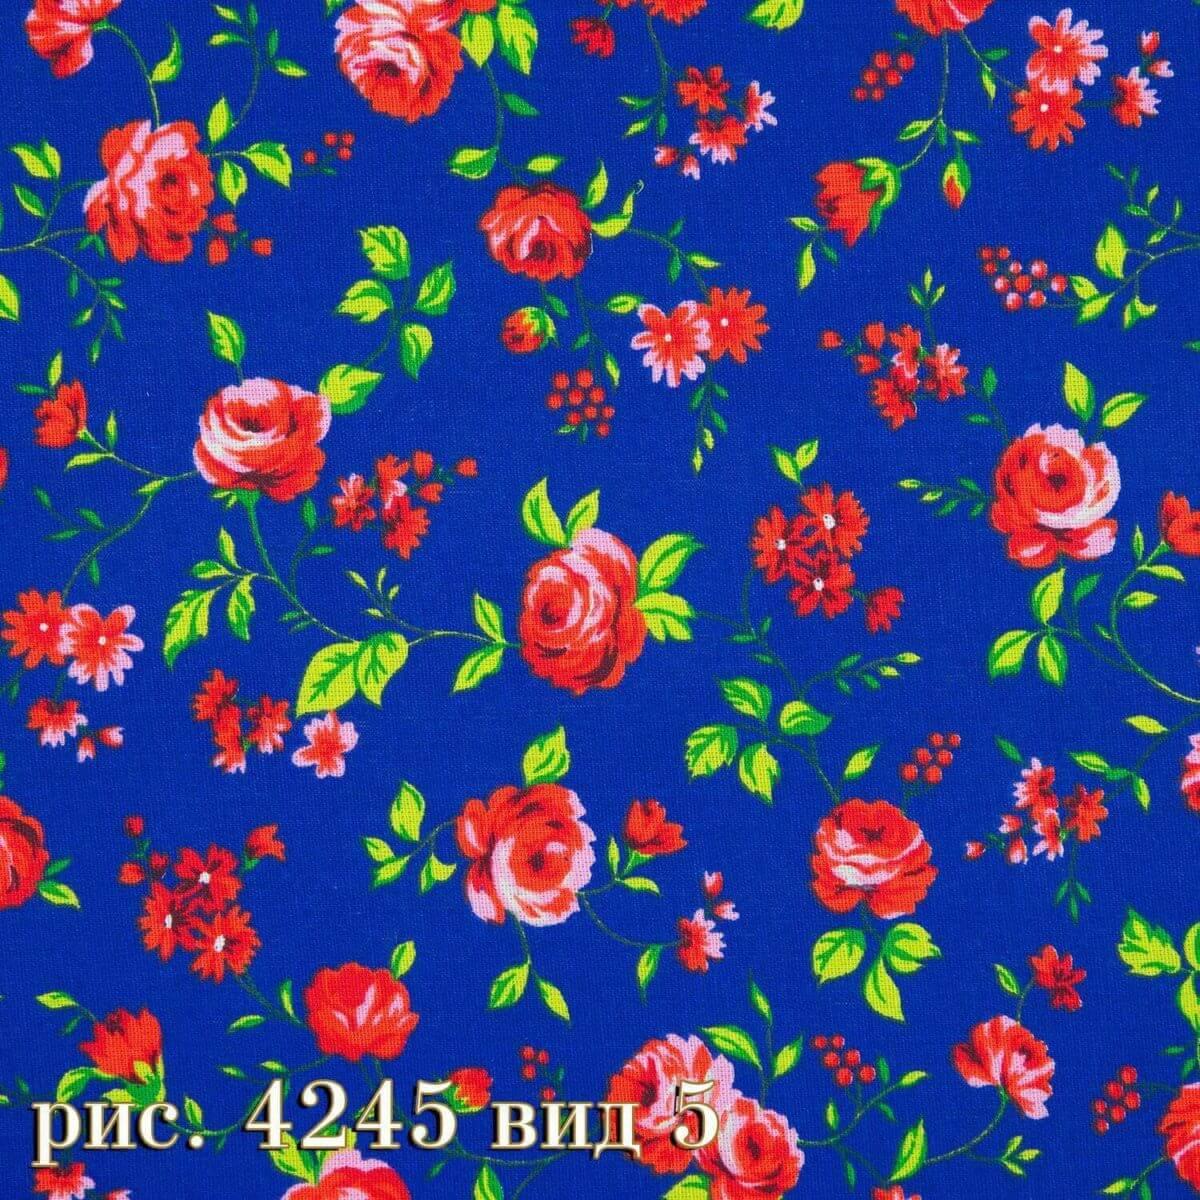 Фото 16 - Плательная ткань бязь 220 см (4245/12).